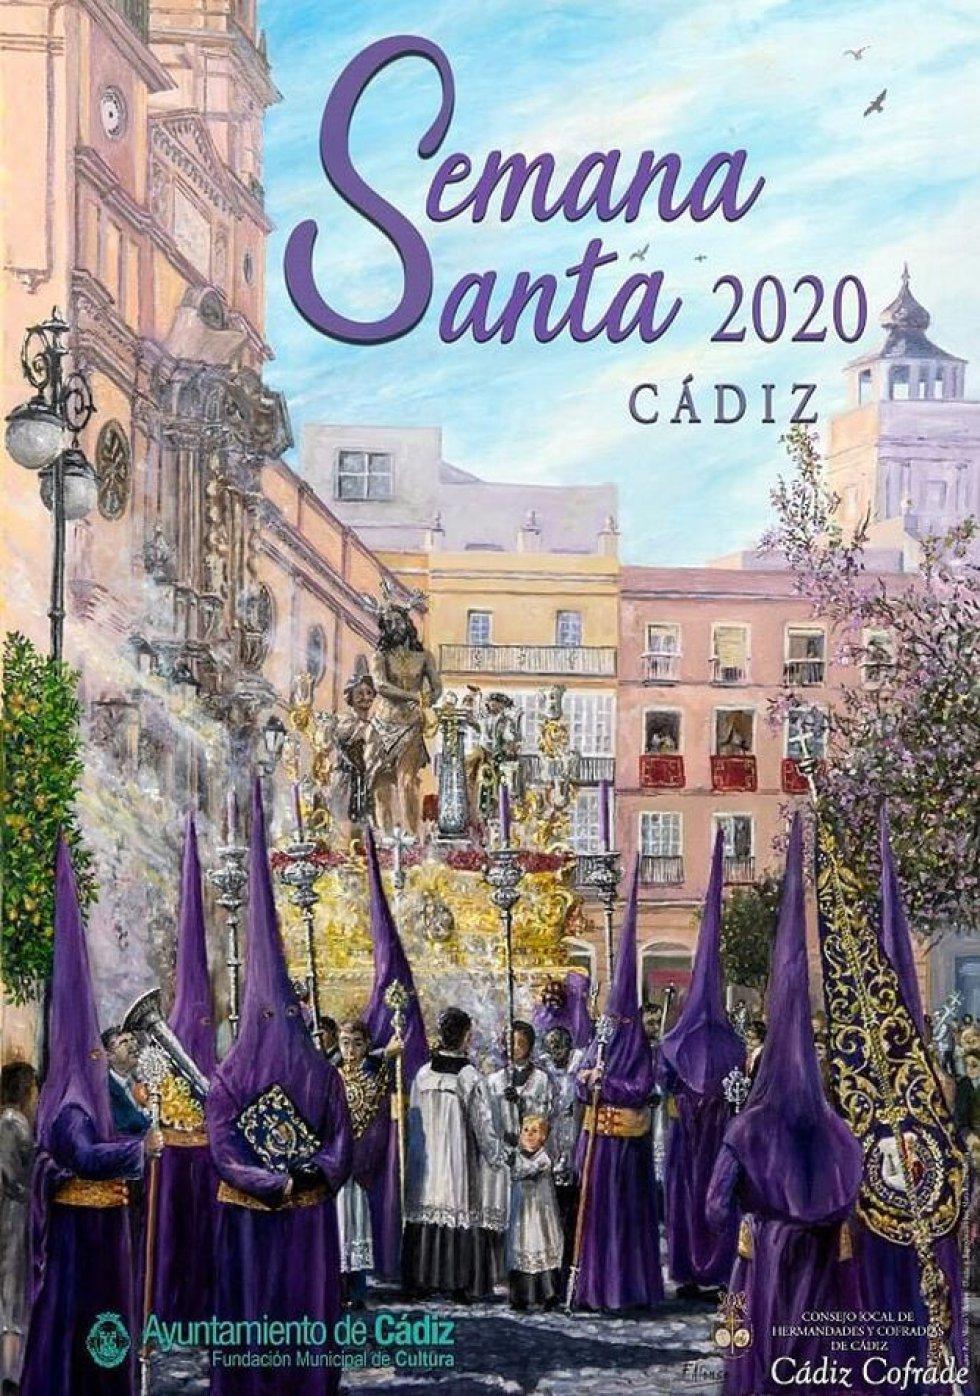 Nuestro Padre Jesús Atado a la Columna ilustra el cartel de la Semana Santa de Cádiz. Se muestra el paso de la Archicofradía de Columna al paso por la plaza de San Antonio, obra de Francisco Alonso Villalobos.